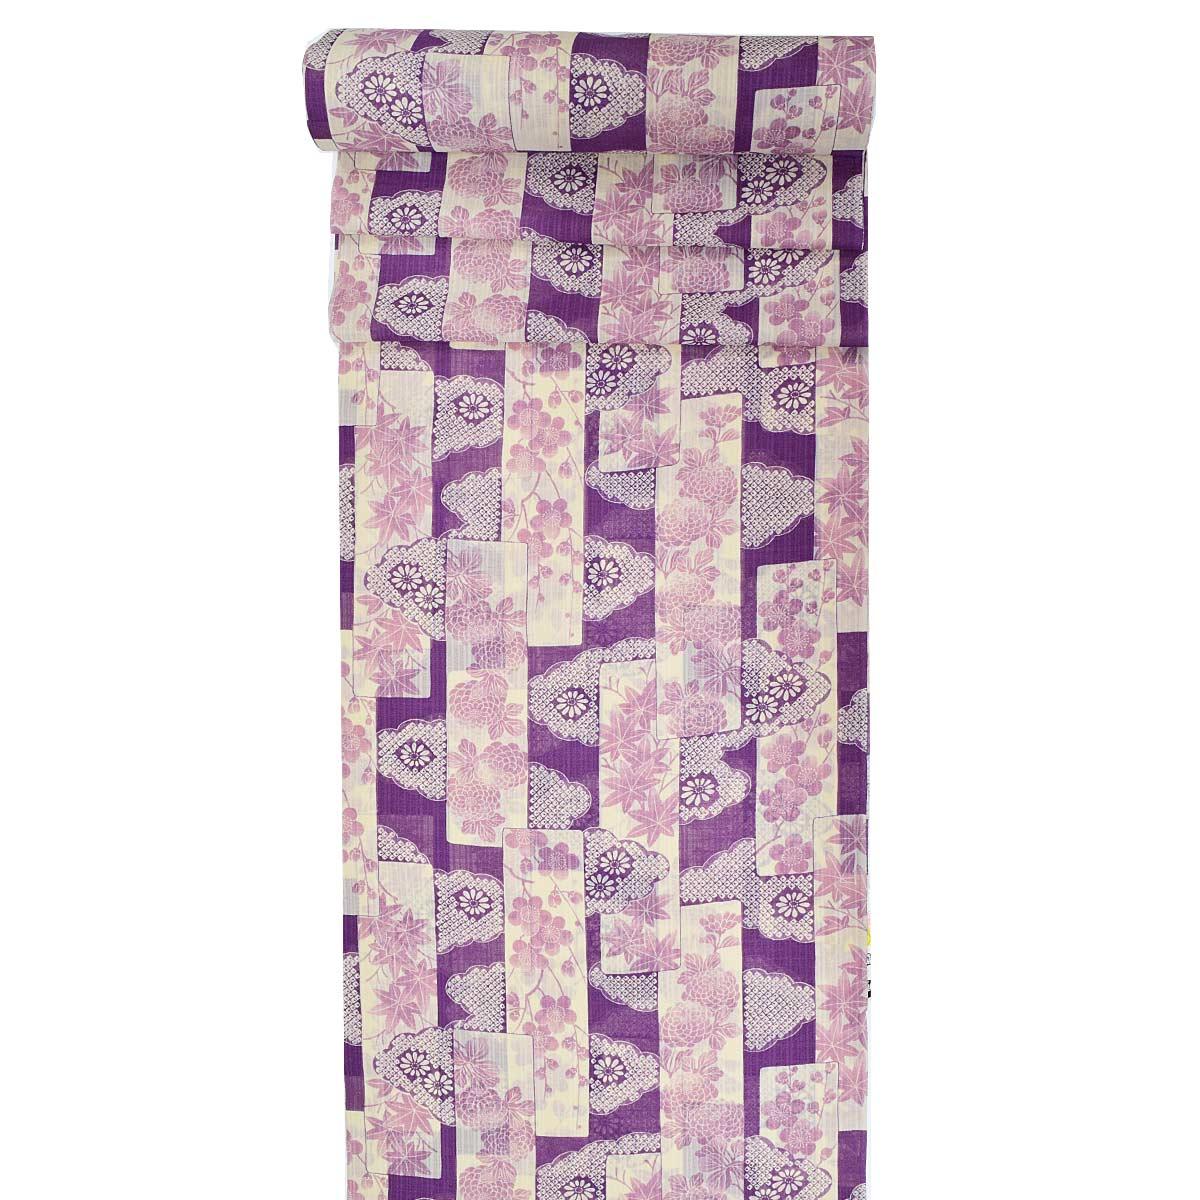 【夏】洗える 紗 小紋 反物 単品未仕立て 着物 和服 和装 普段着 お洒落番号d604-307